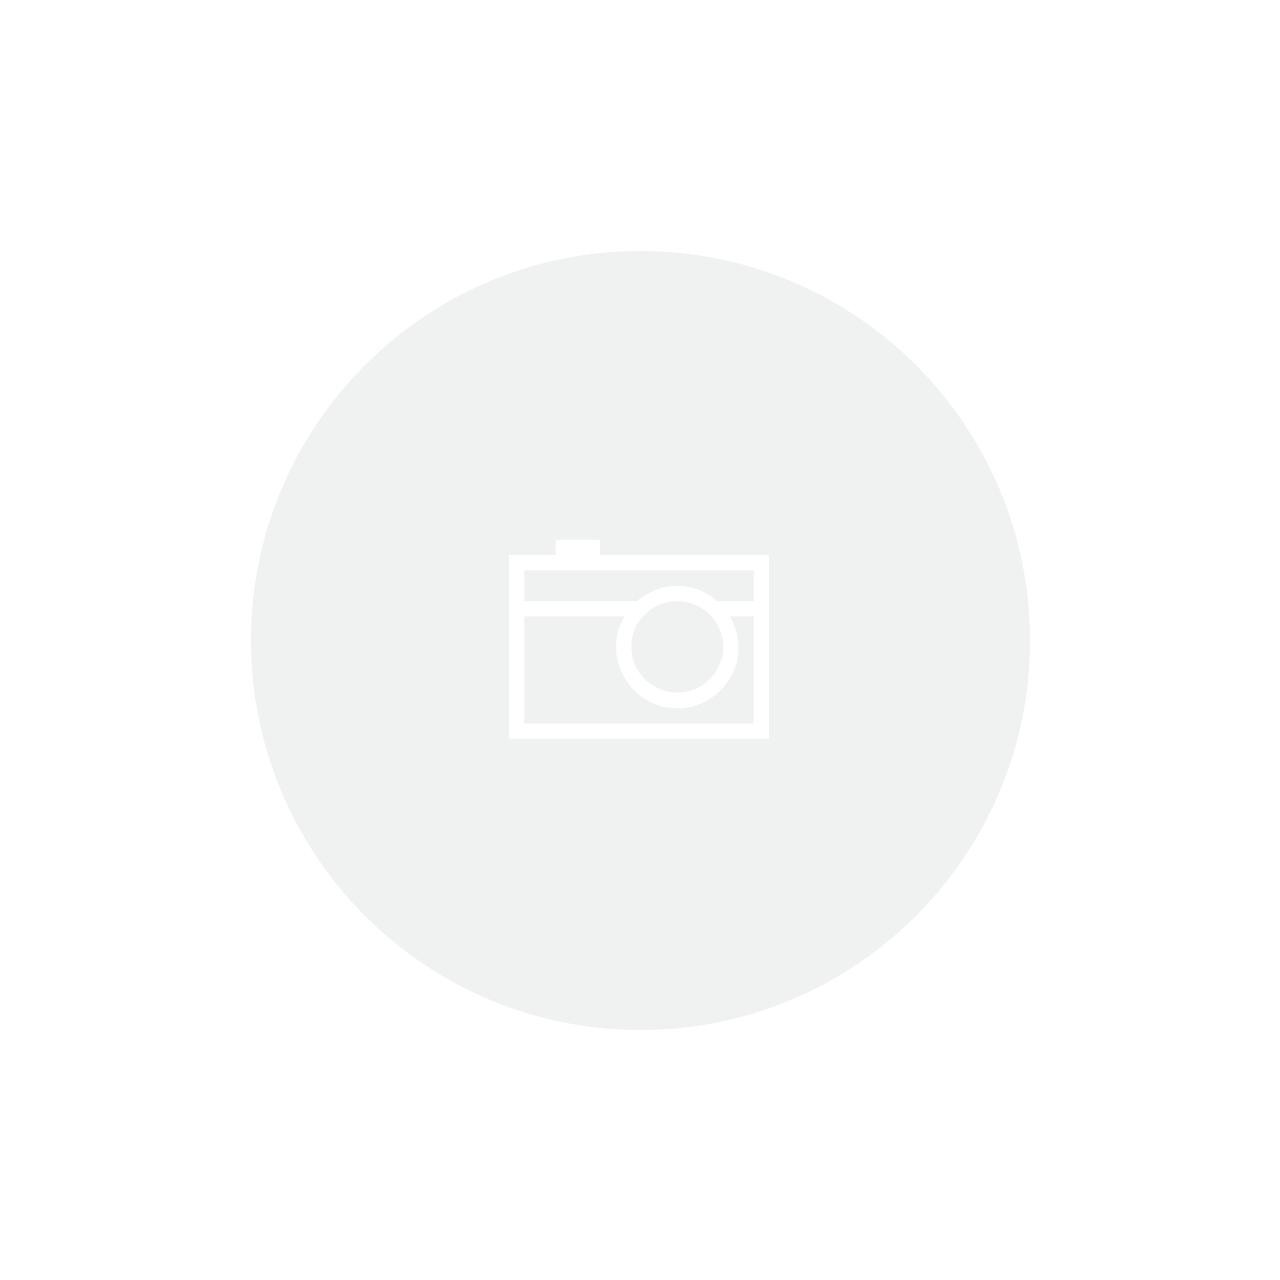 PNEU 700X28 CHAOYANG KESTREL H-481